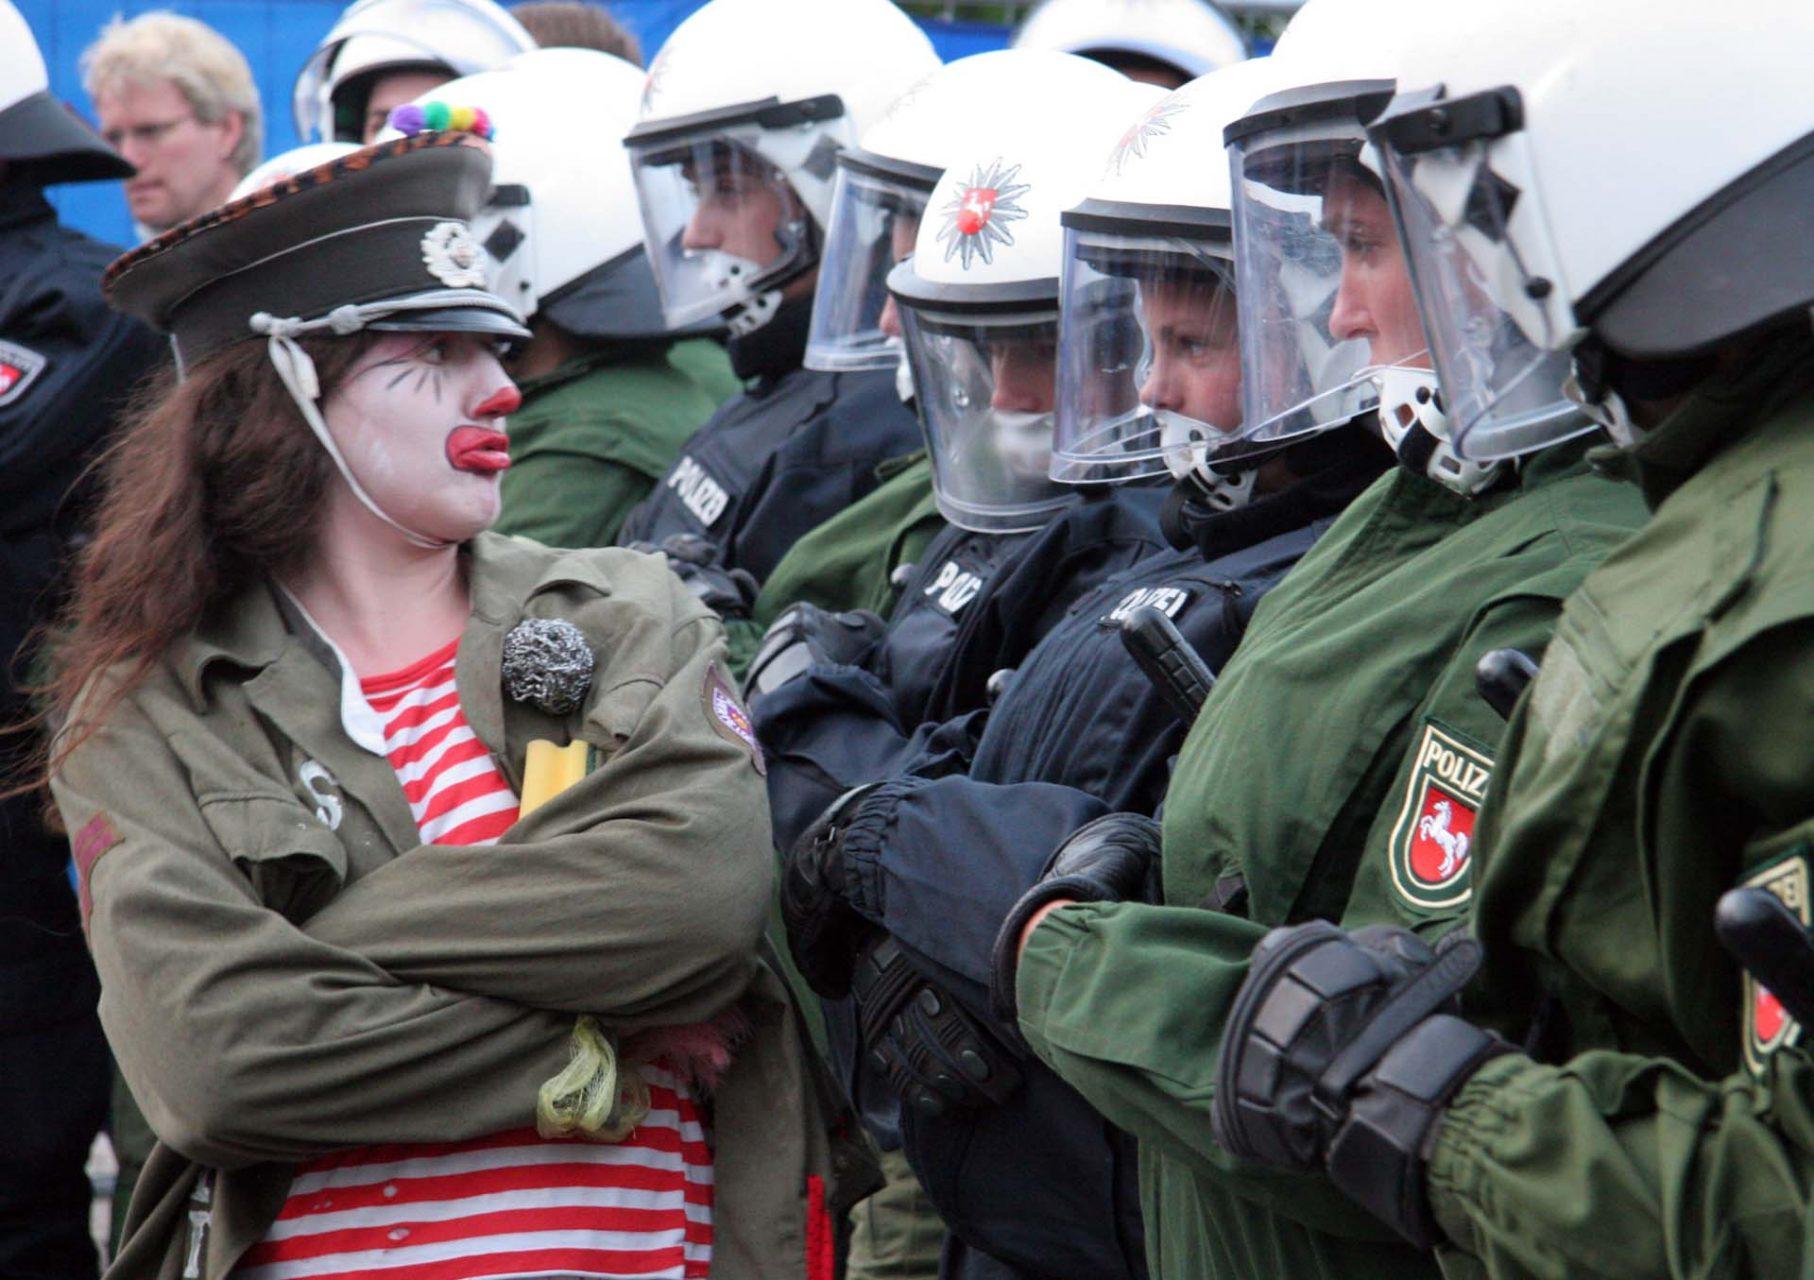 Vor dem Medienzentrum in Kühlungsborn demonstriert zu dessen Eröffnung eine Gruppe unterstützt von der 'Clownsarmy'.